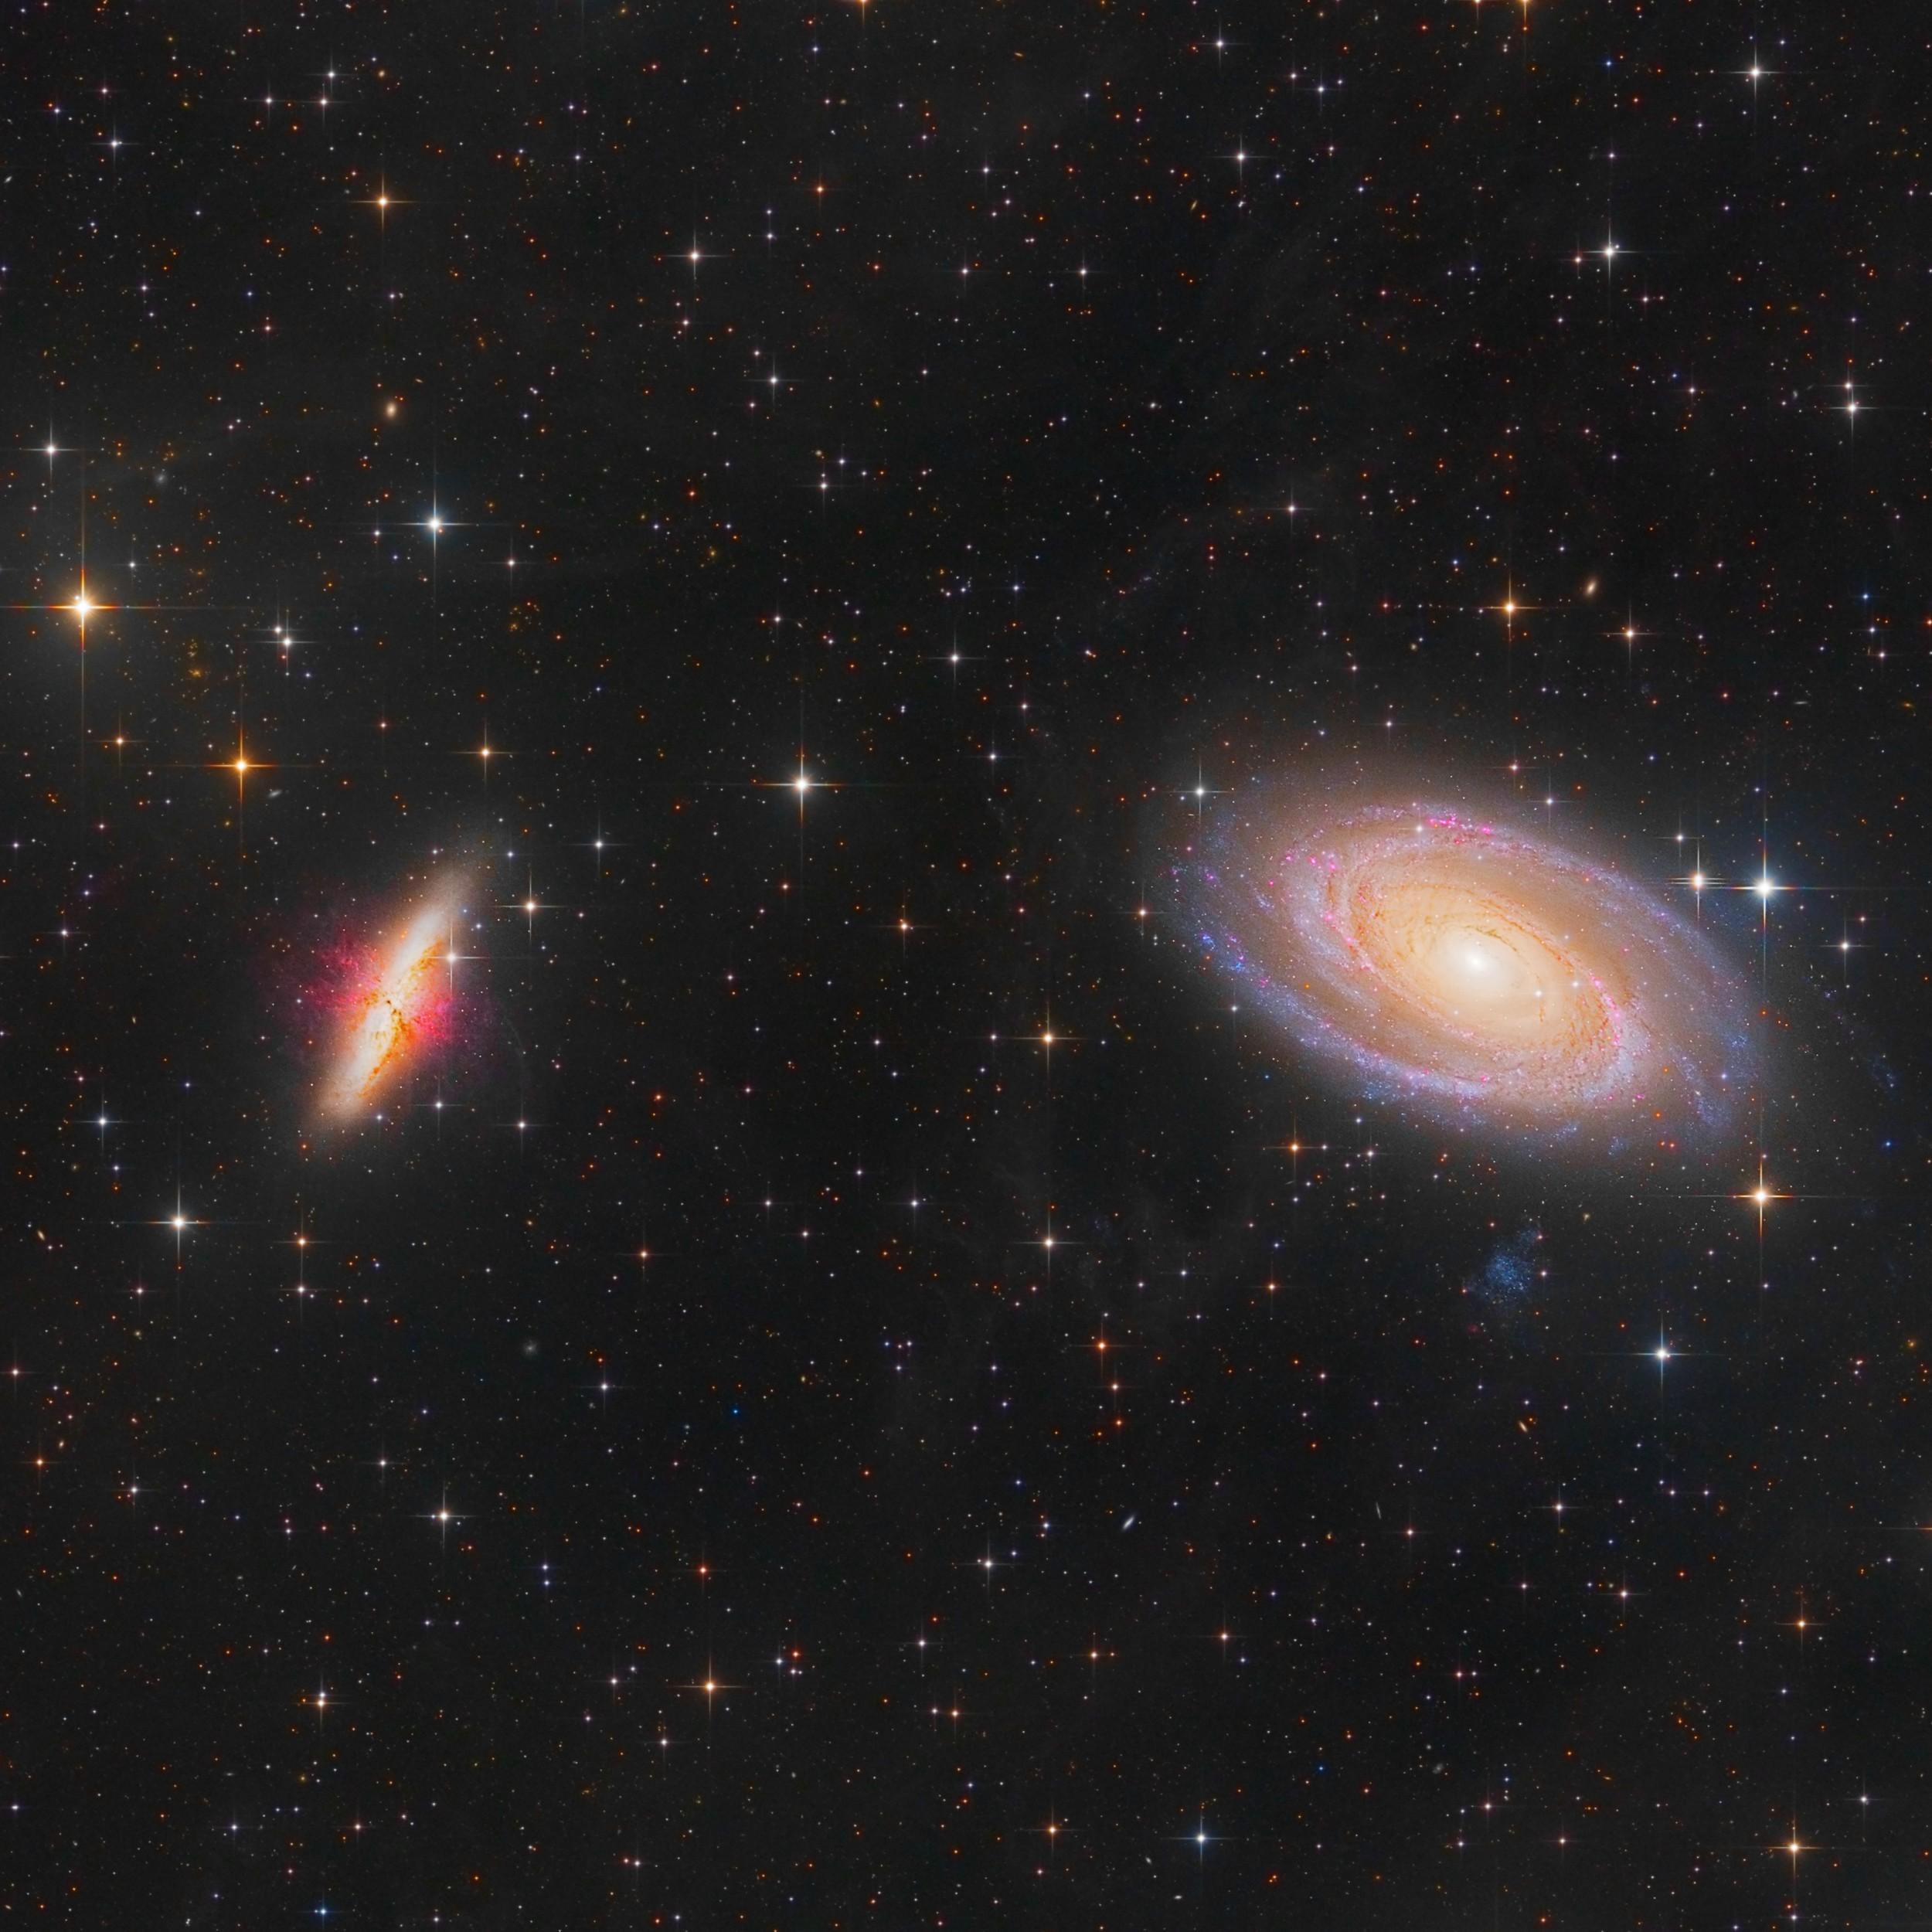 M81+82 Spiral Galaxie Bart Delsaert